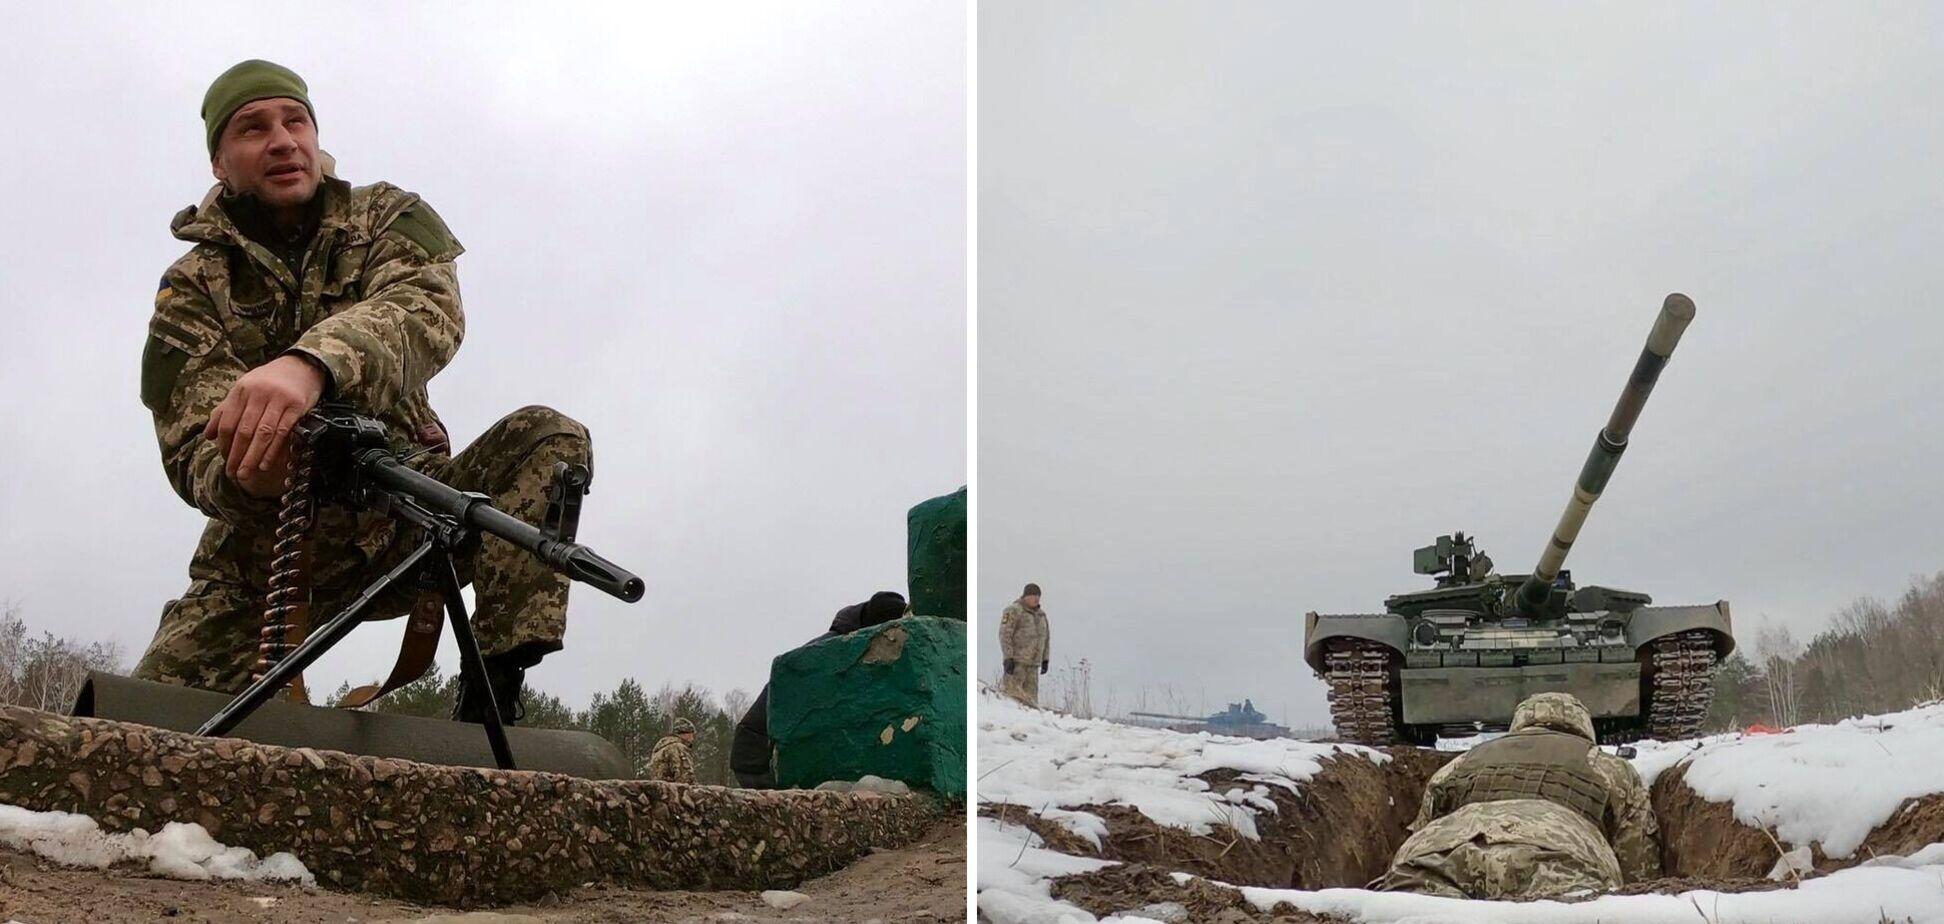 Провизия, войска, укрытия: готов ли Киев к возможному вторжению из РФ